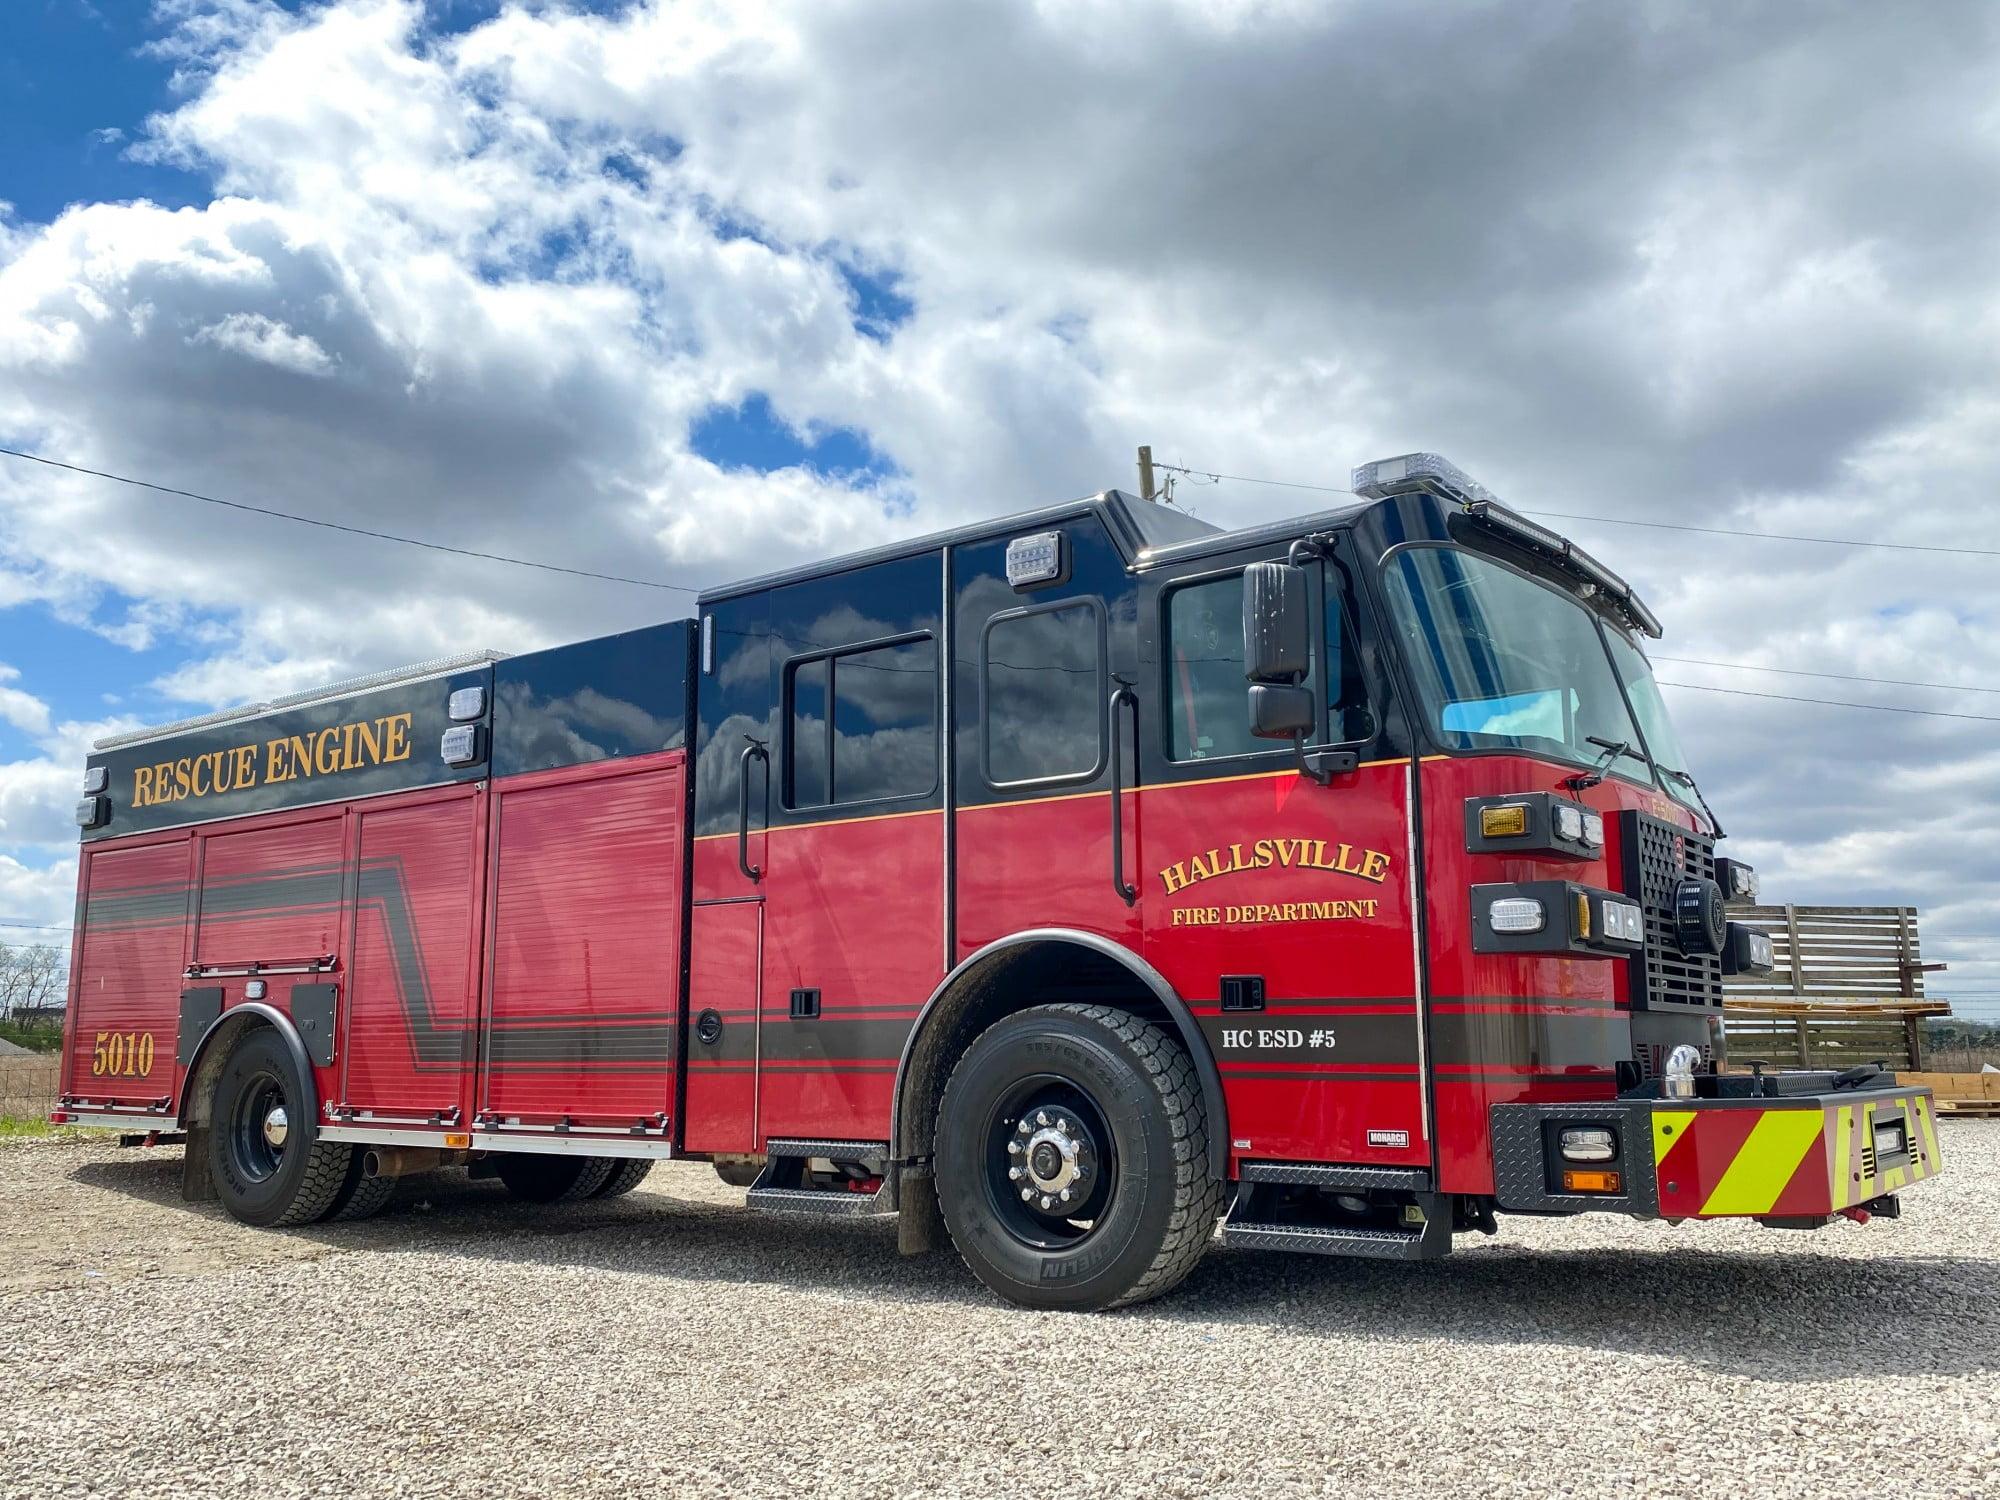 hallsville-fire-department-texas